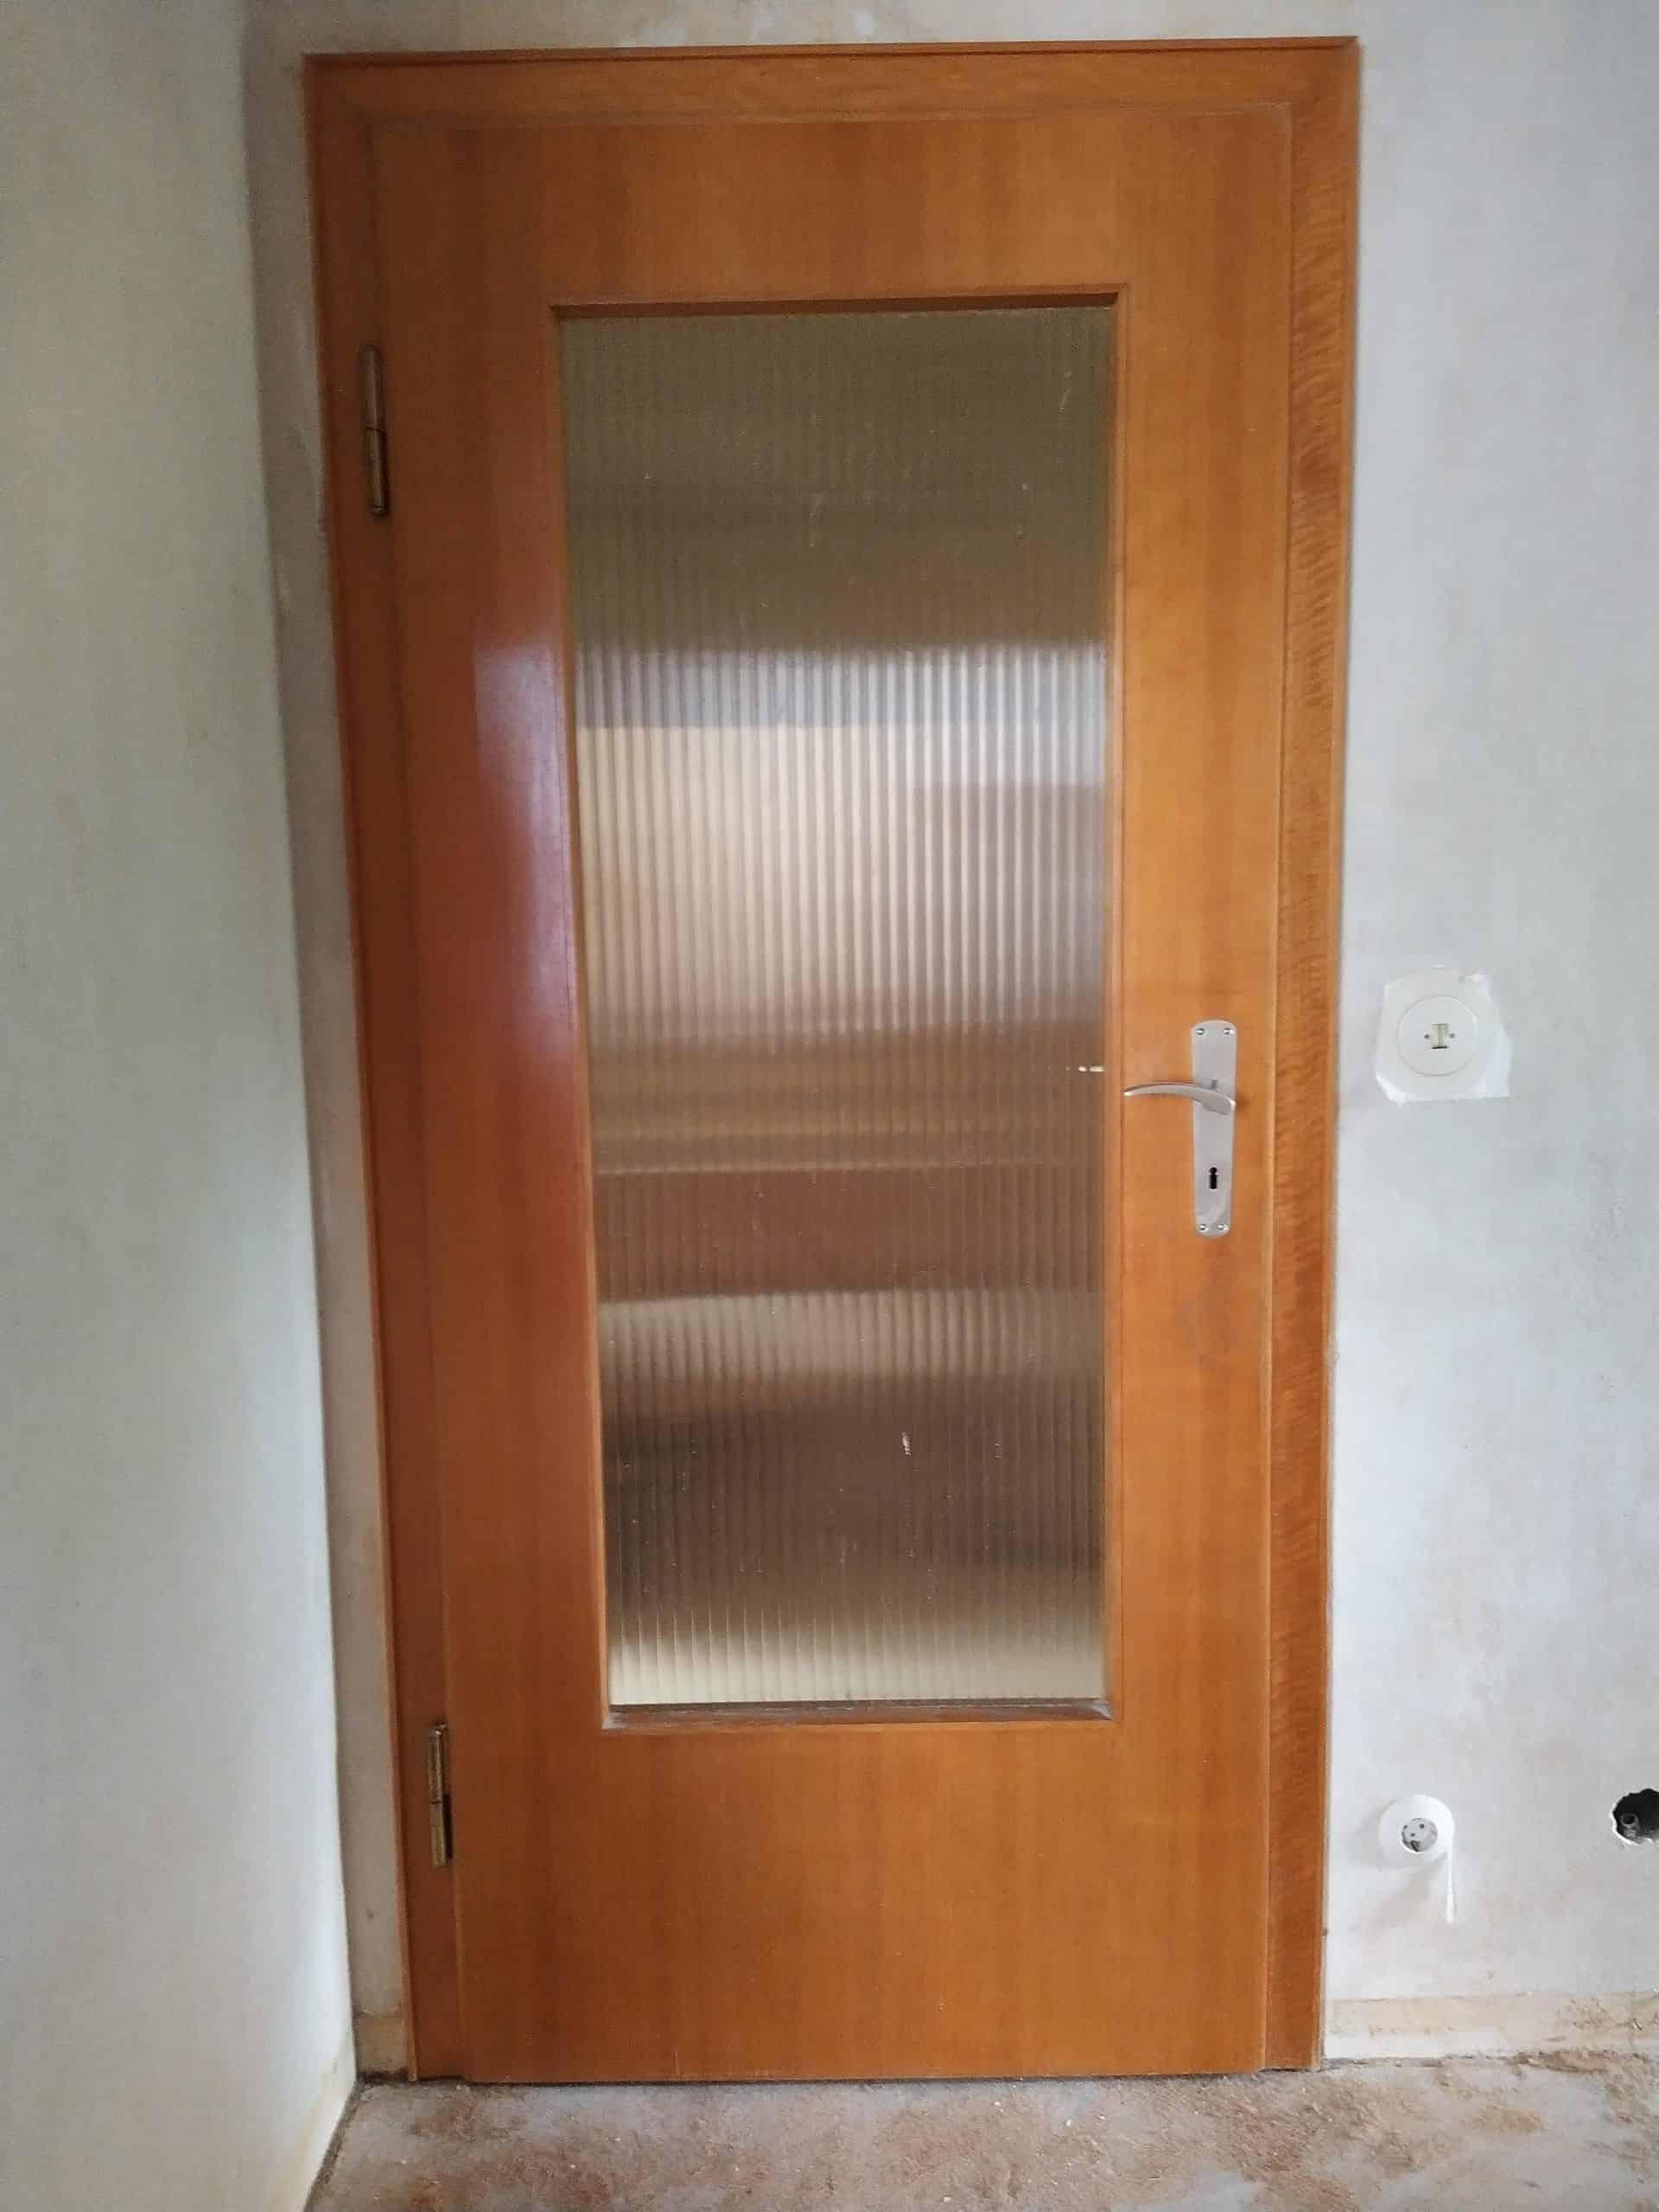 Zimmertür, verglast, Holz natur lackiert (1960er Jahre)